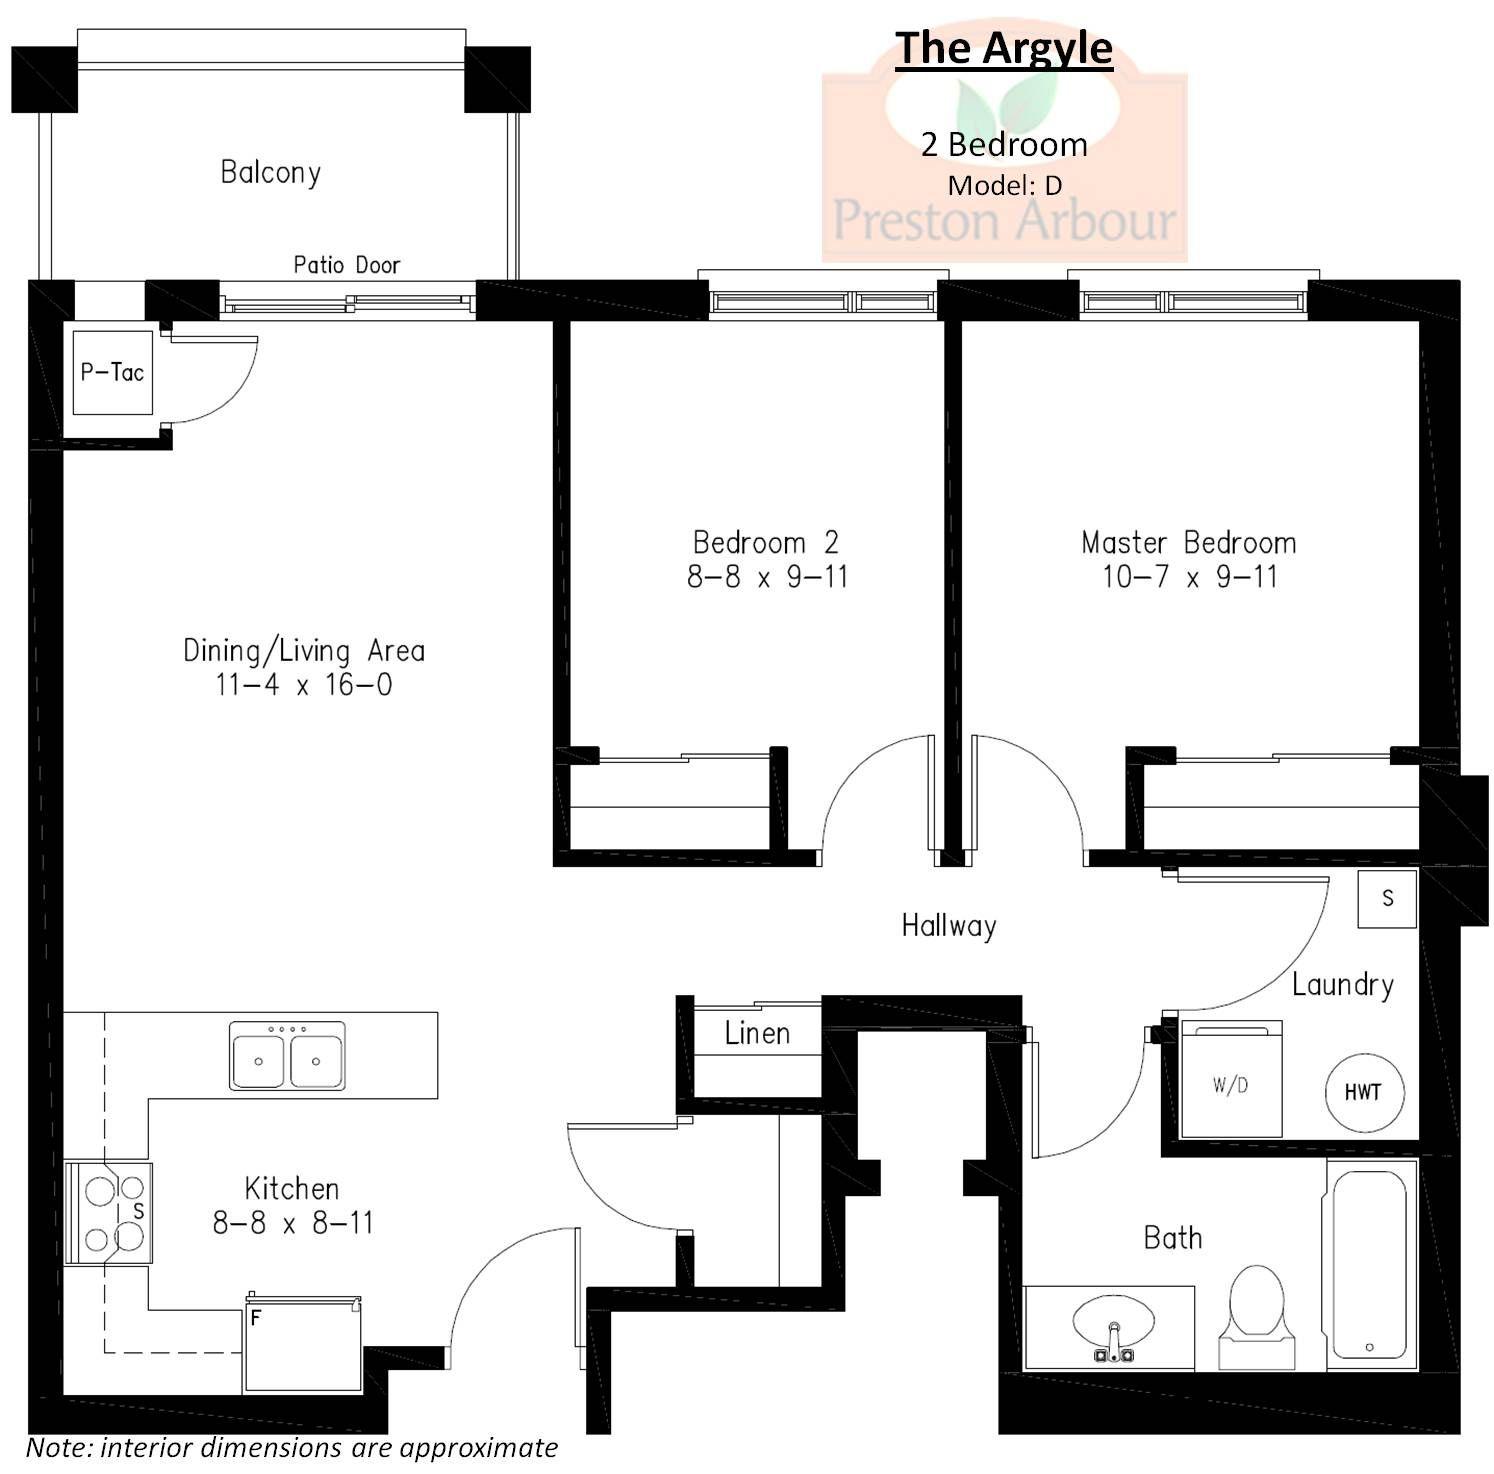 Building Floor Plan Maker: Bedroom Floor Plan Maker Free